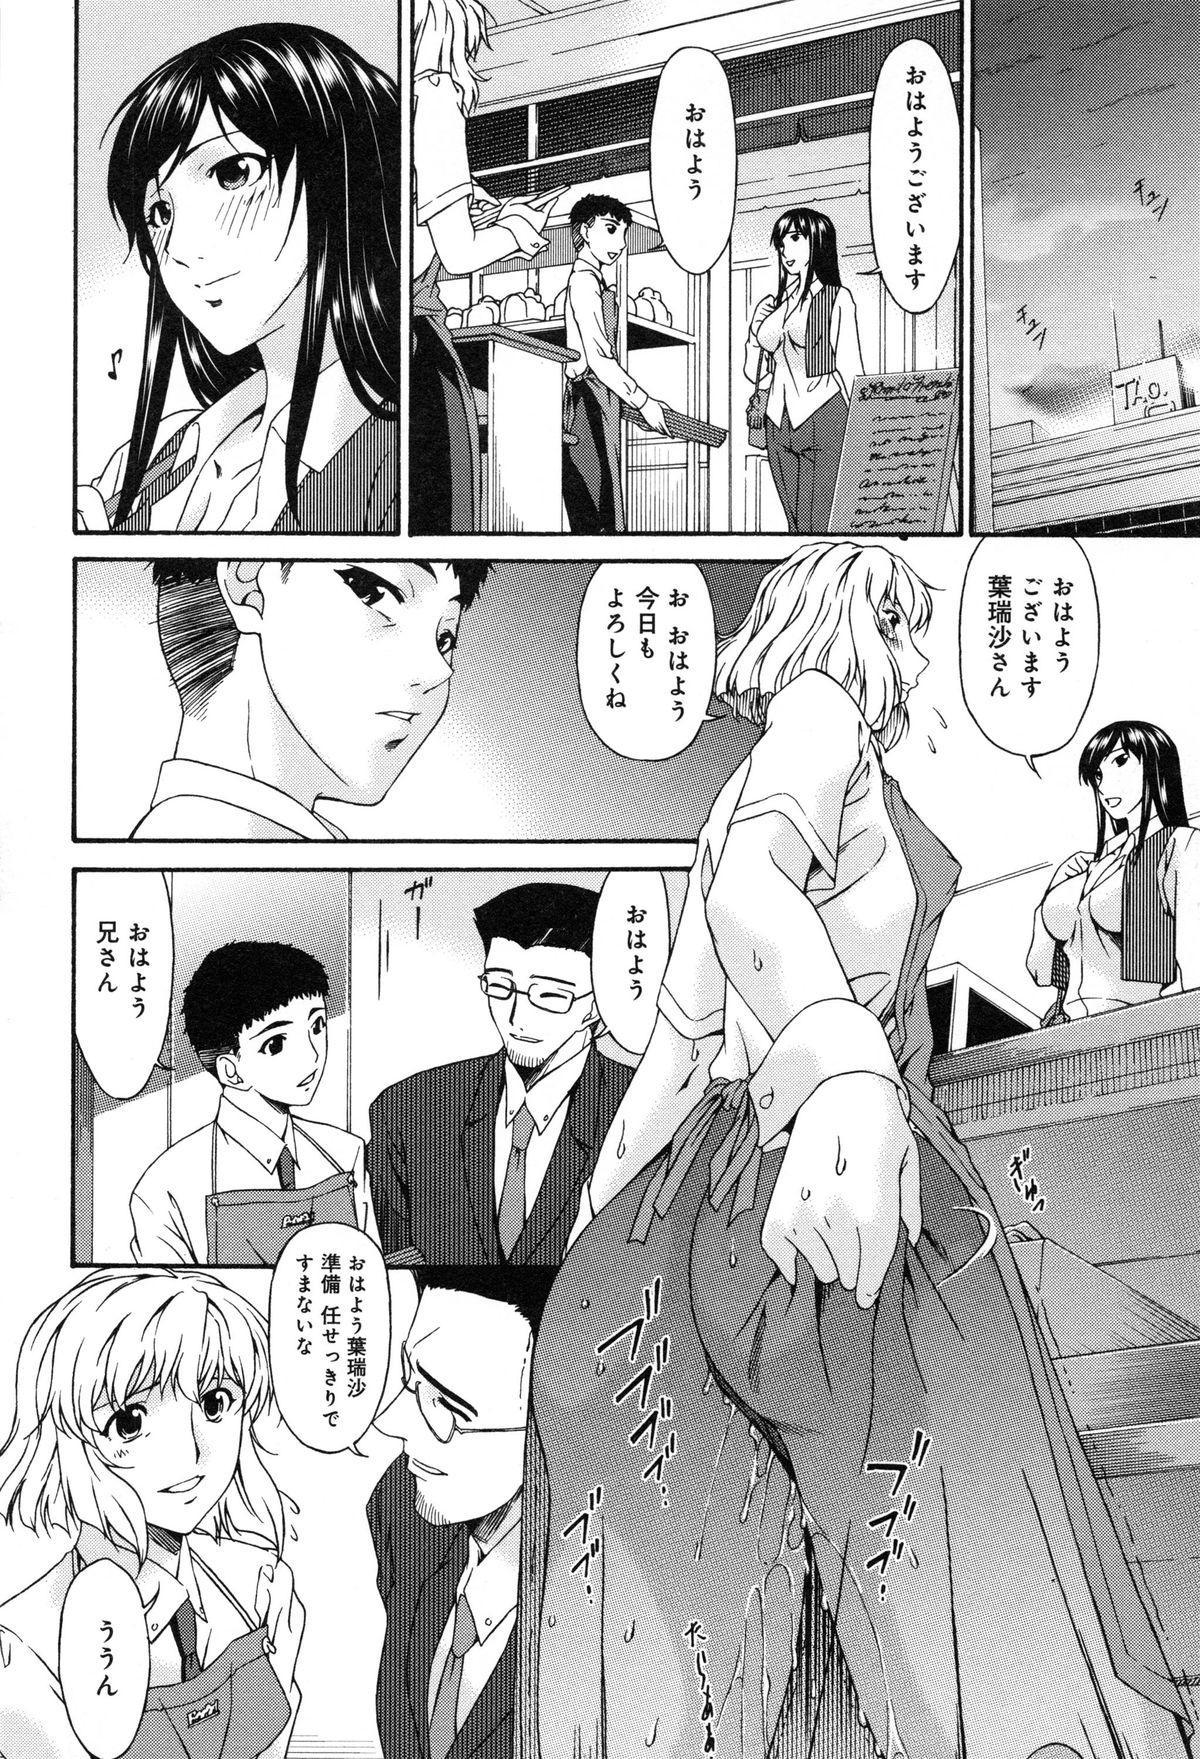 Shinshoku no Toki 114